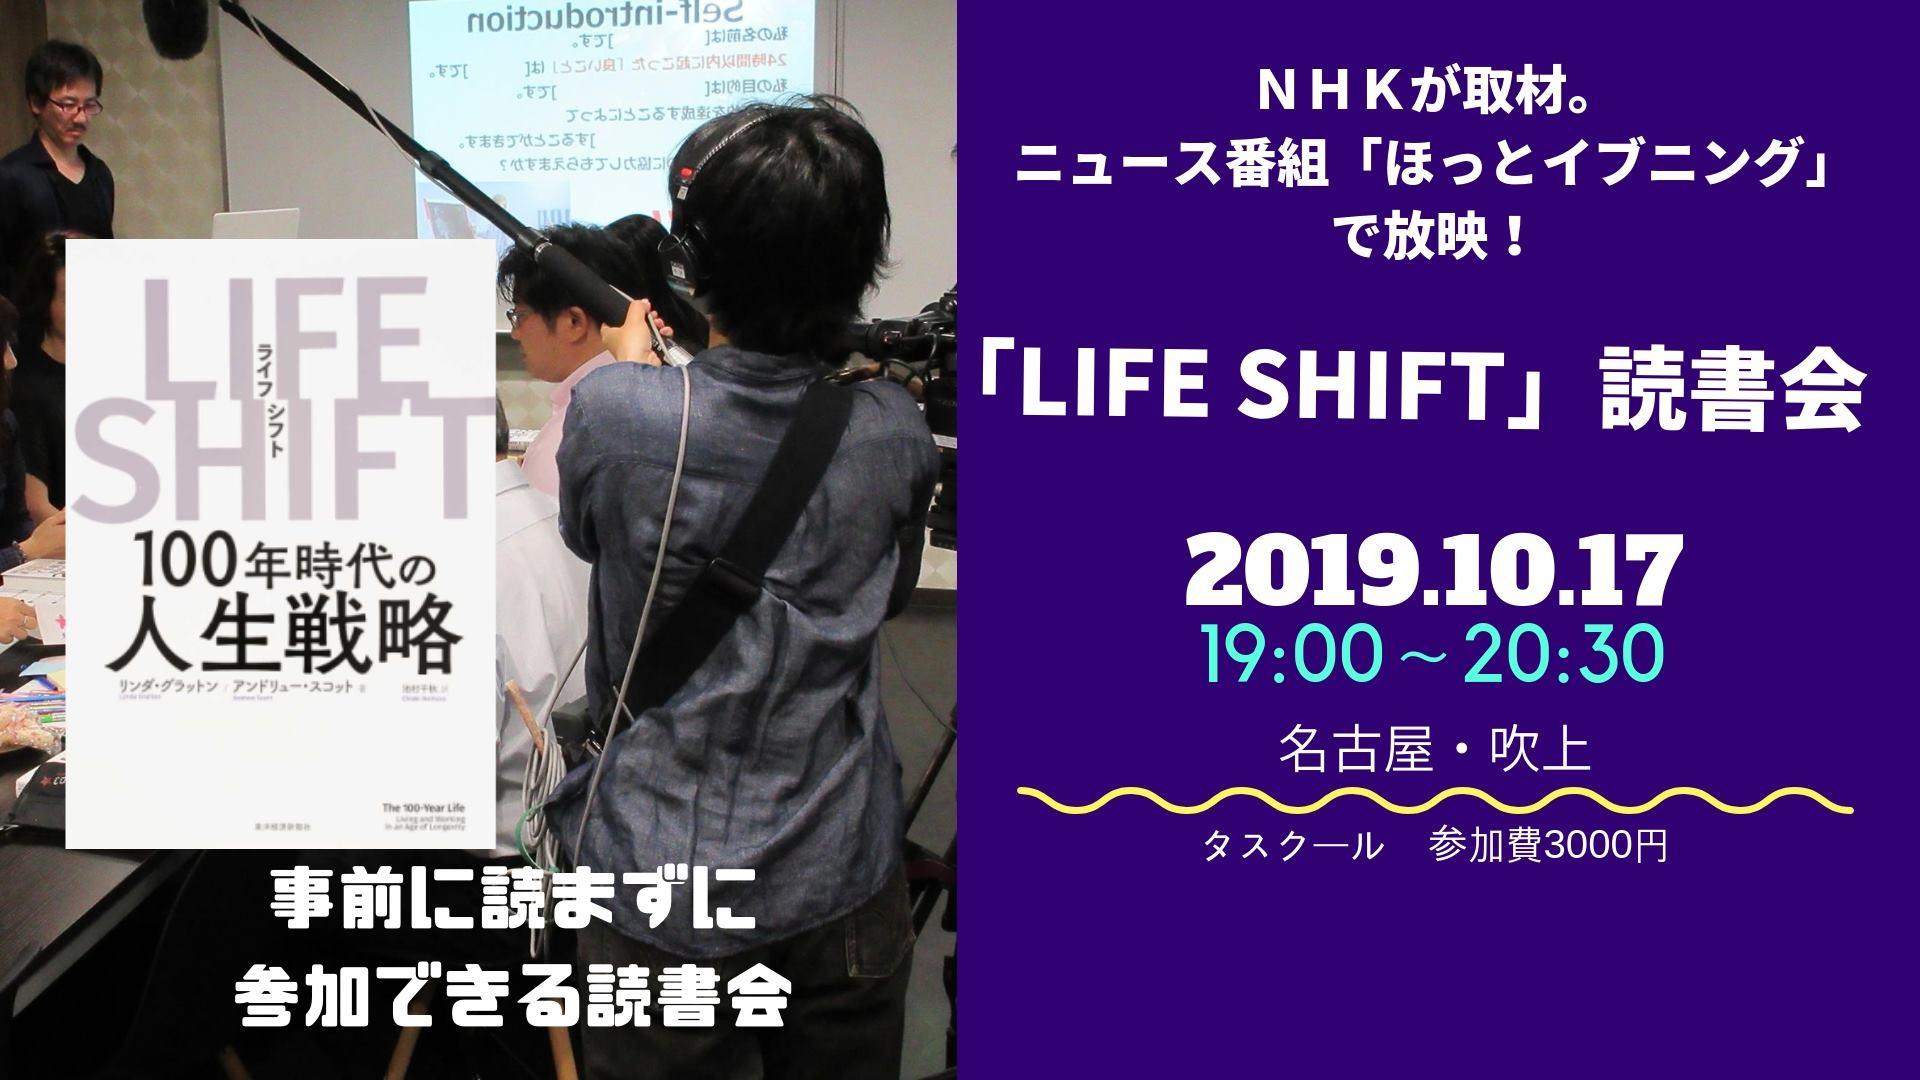 (キャンセル)10/17 読むclass「life Shift」読書会 ~nhkが取材。ニュース番組「ほっとイブニング」で放映!